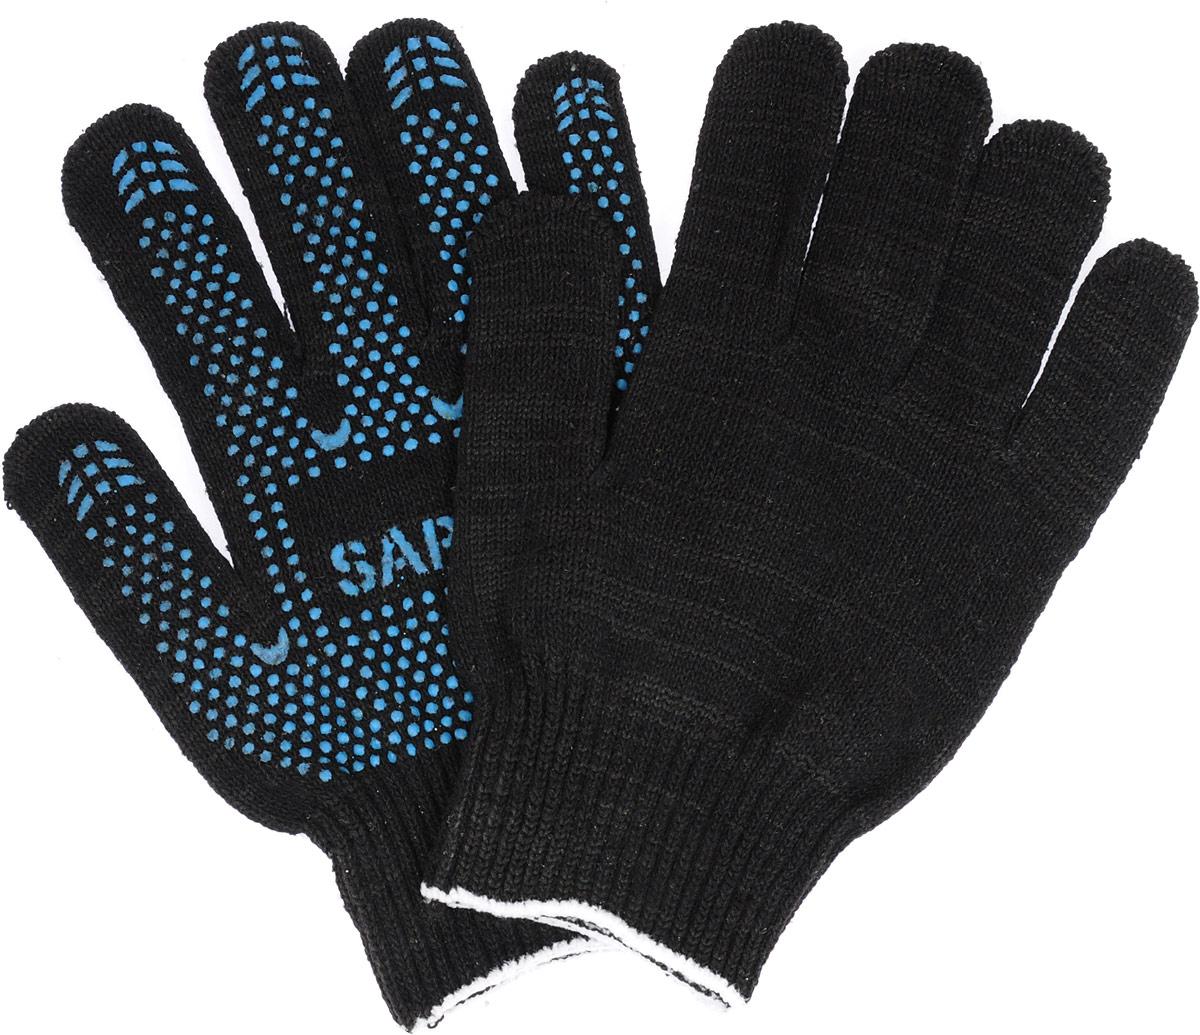 Перчатки Sapfire СтандартACM-1008Перчатки Sapfire Стандарт характеризуются плотностью вязки и совокупной толщиной хлопчатобумажной и смесовой нити. Благодаря полимерному покрытию обеспечивается дополнительная стойкость к истиранию и защита от скольжения. Манжеты на резинке плотно обхватывают запястья. Мягкие перчатки удобно сидят по руке, не соскальзывая и не отвлекая от работы. Уважаемые клиенты! Обращаем ваше внимание на возможные изменения в цвете некоторых деталей товара. Поставка осуществляется в зависимости от наличия на складе.